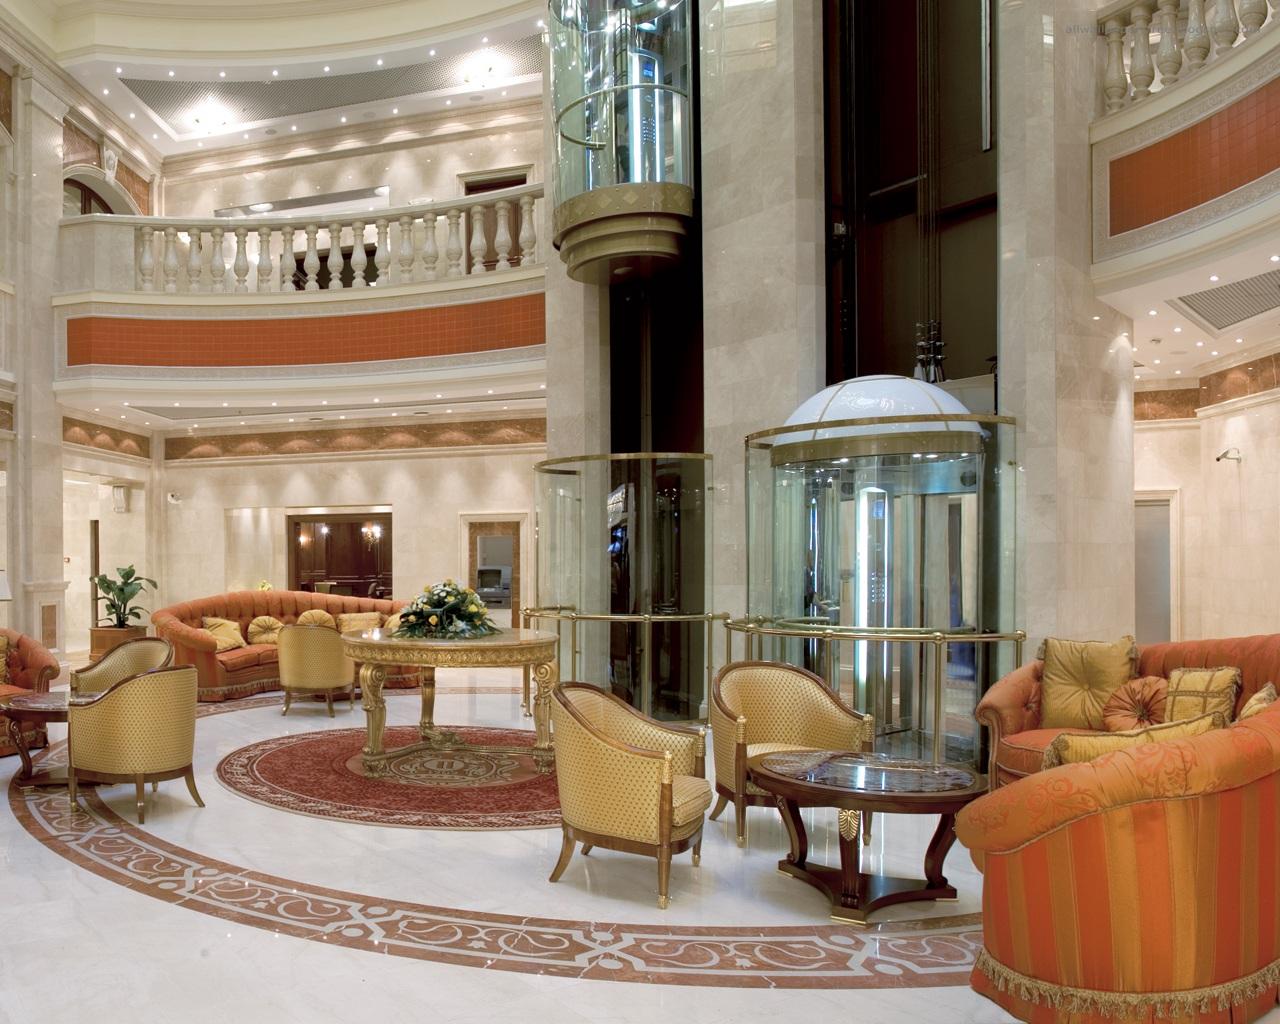 hotel interior design ideas